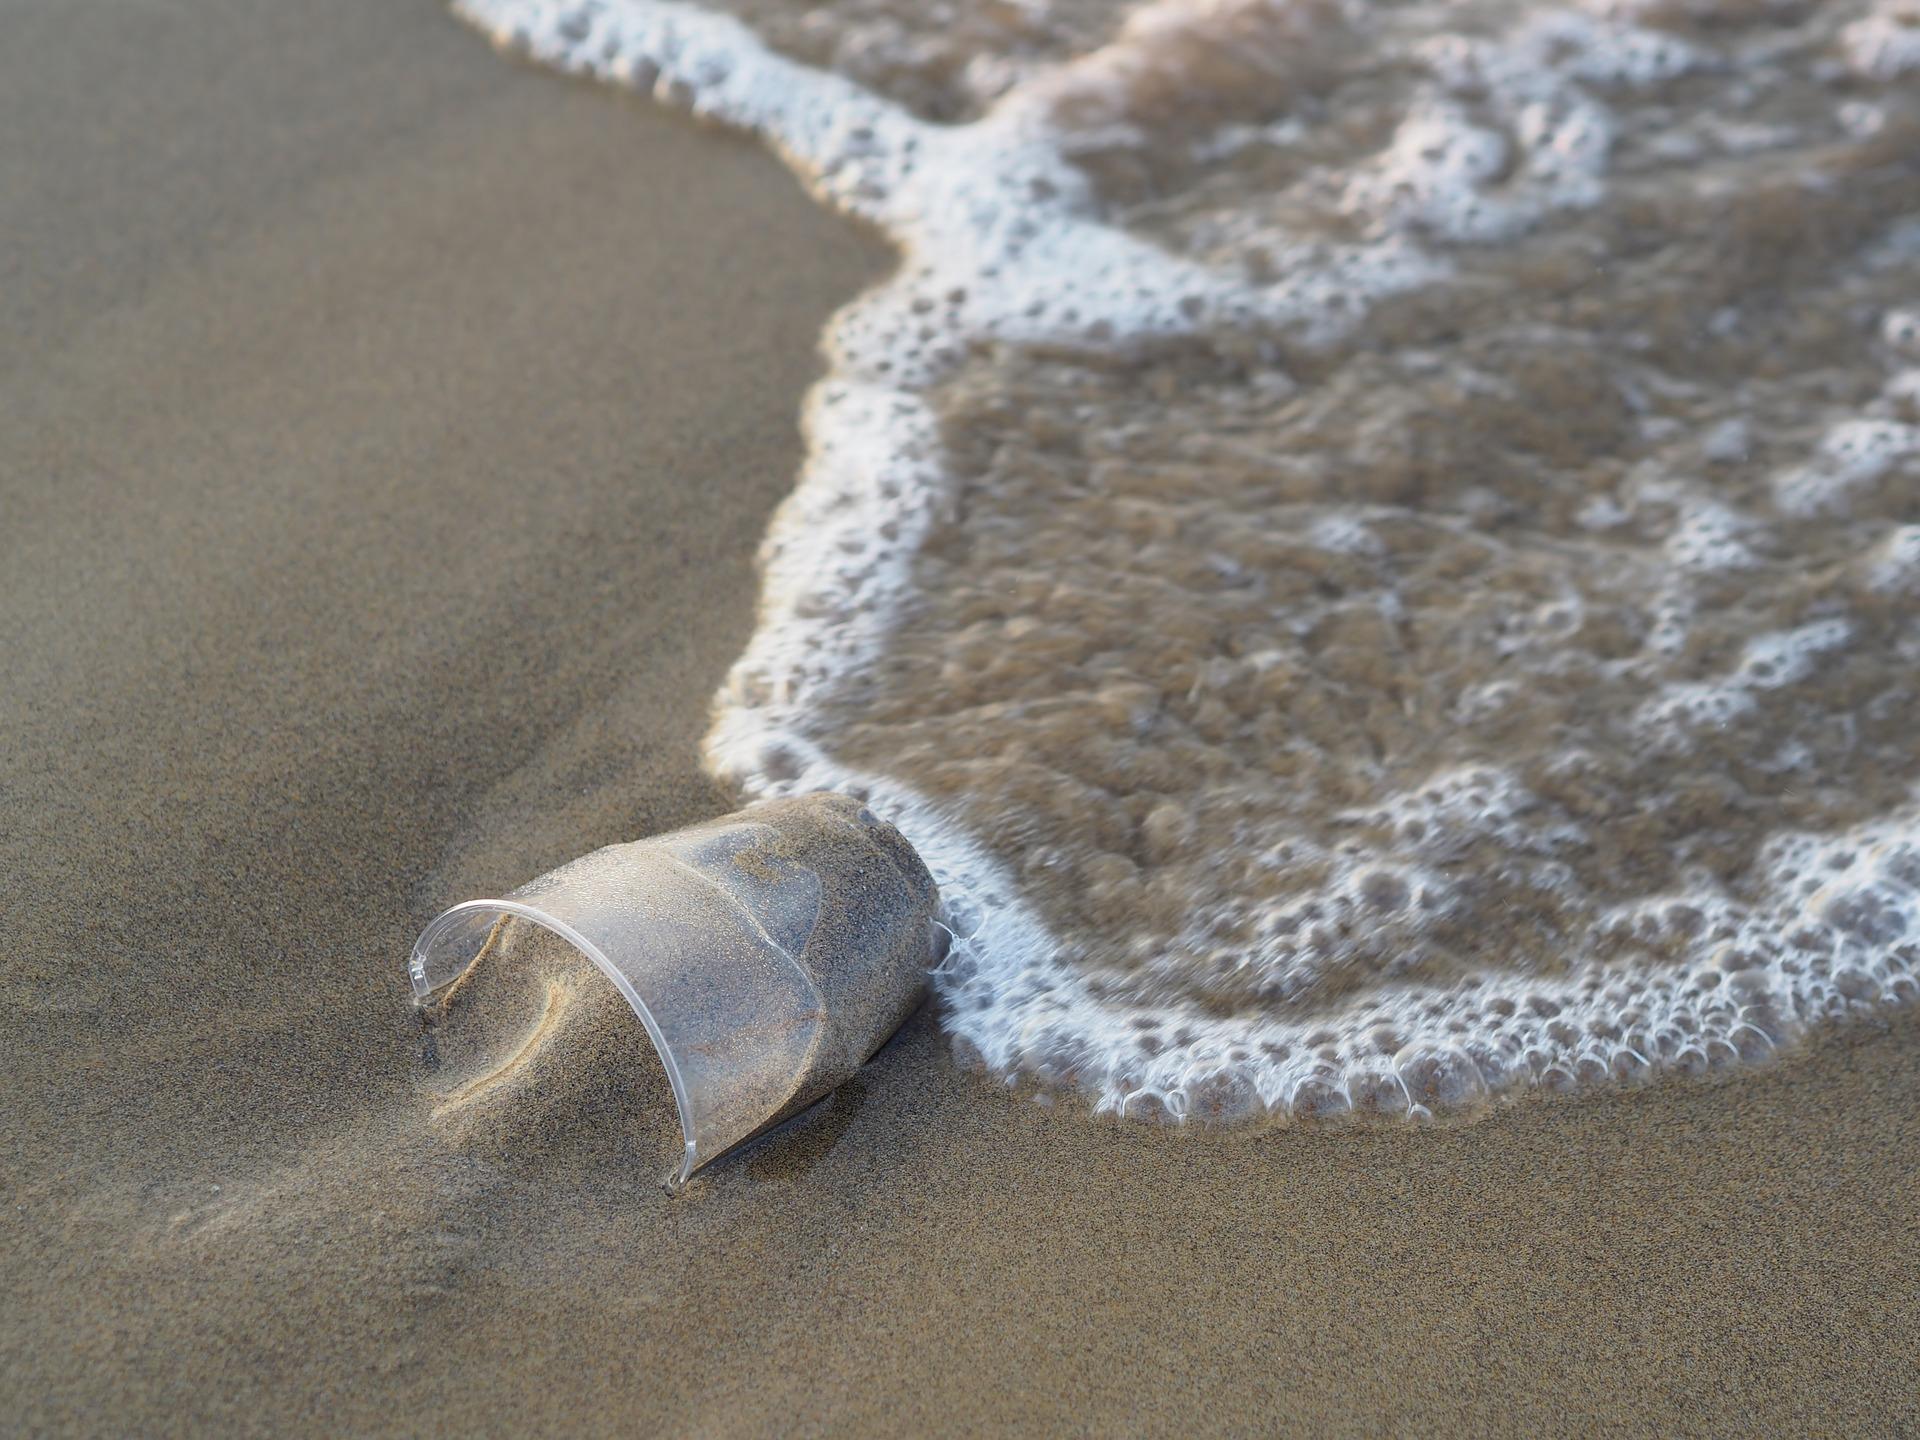 Copo de plástico preso na areia, com ondas do mar alcançando-o.